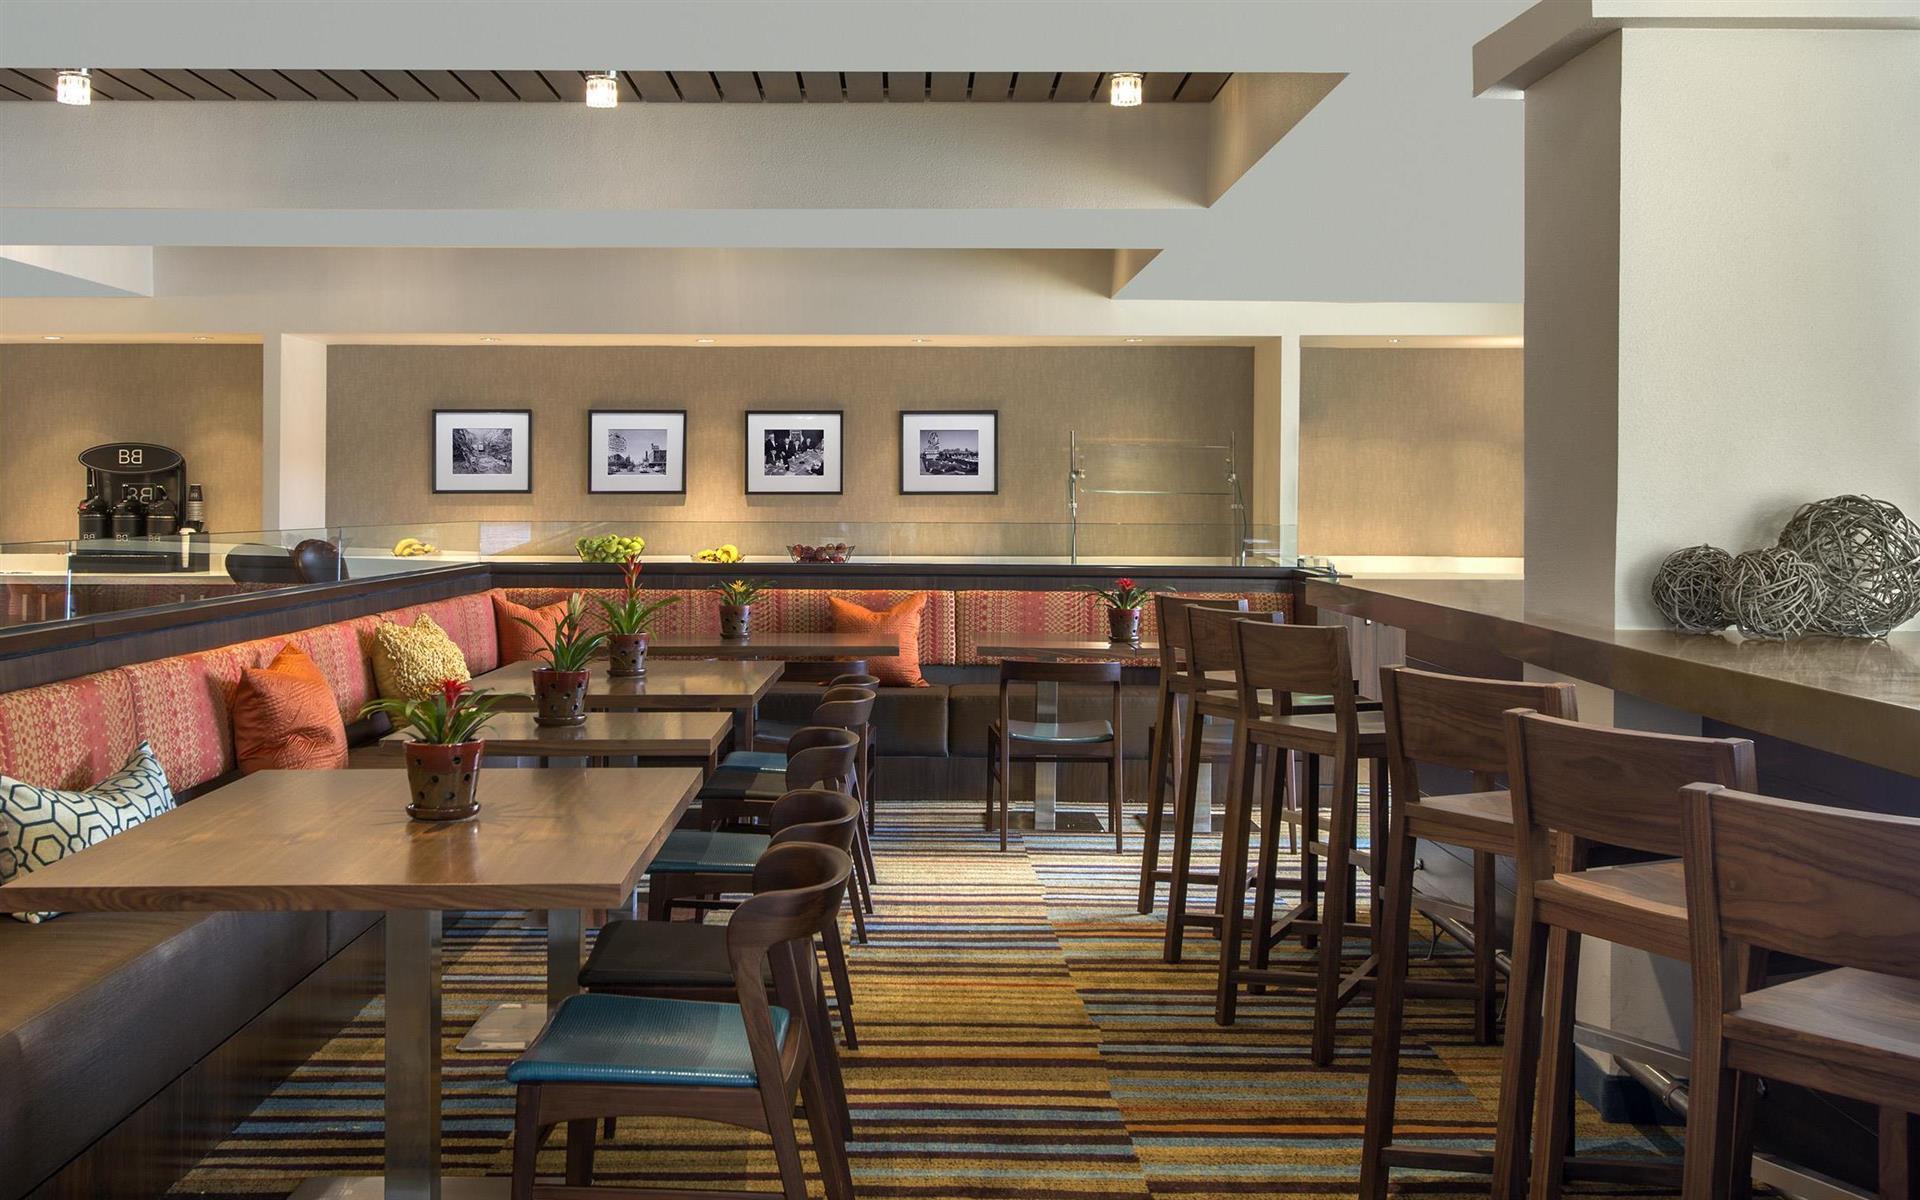 Fairfield Inn Las Vegas Airport - Communal Farm Table